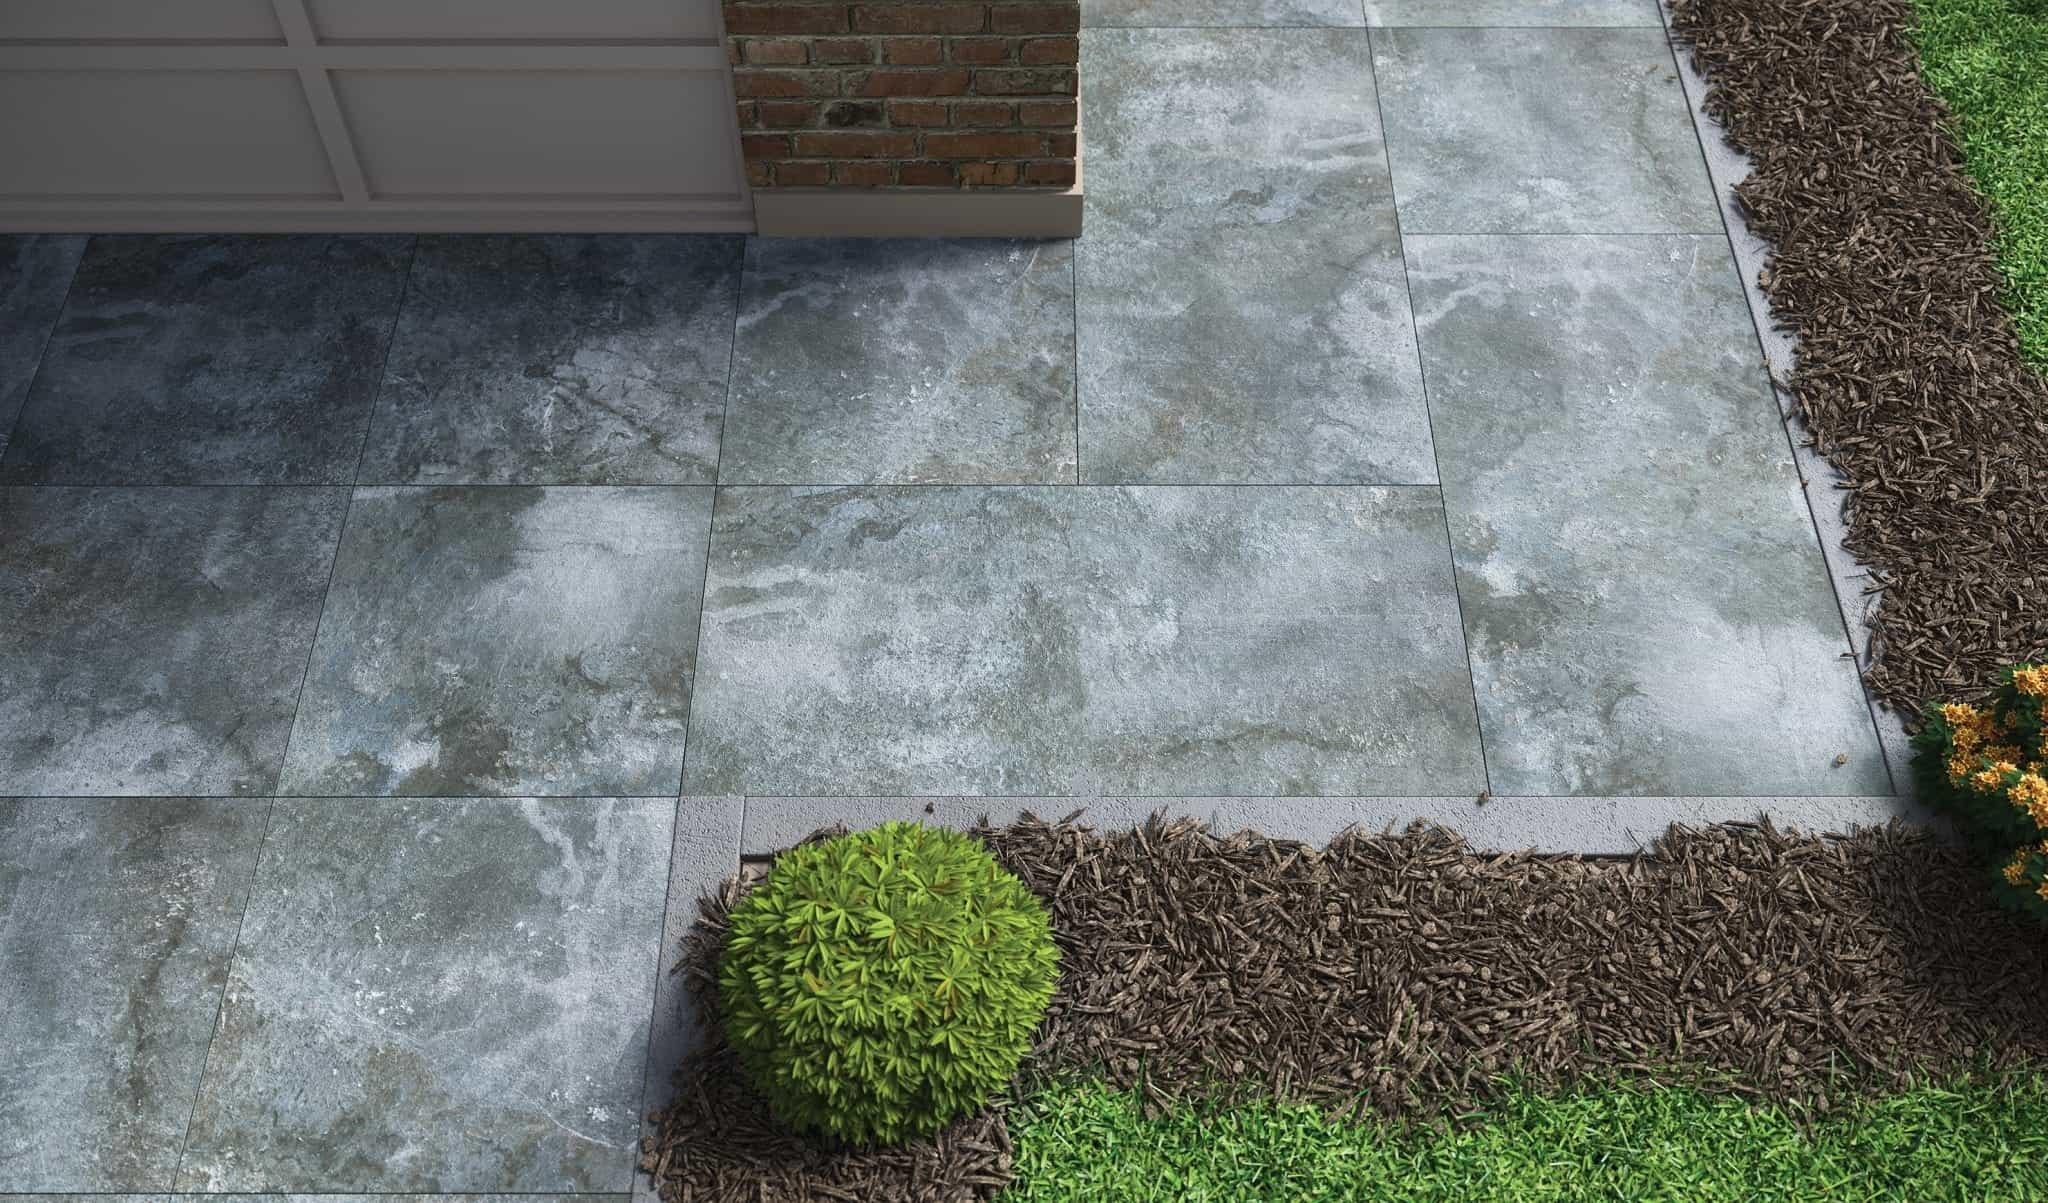 luxury tiles burlington 900x600mm outdoor porcelain tile